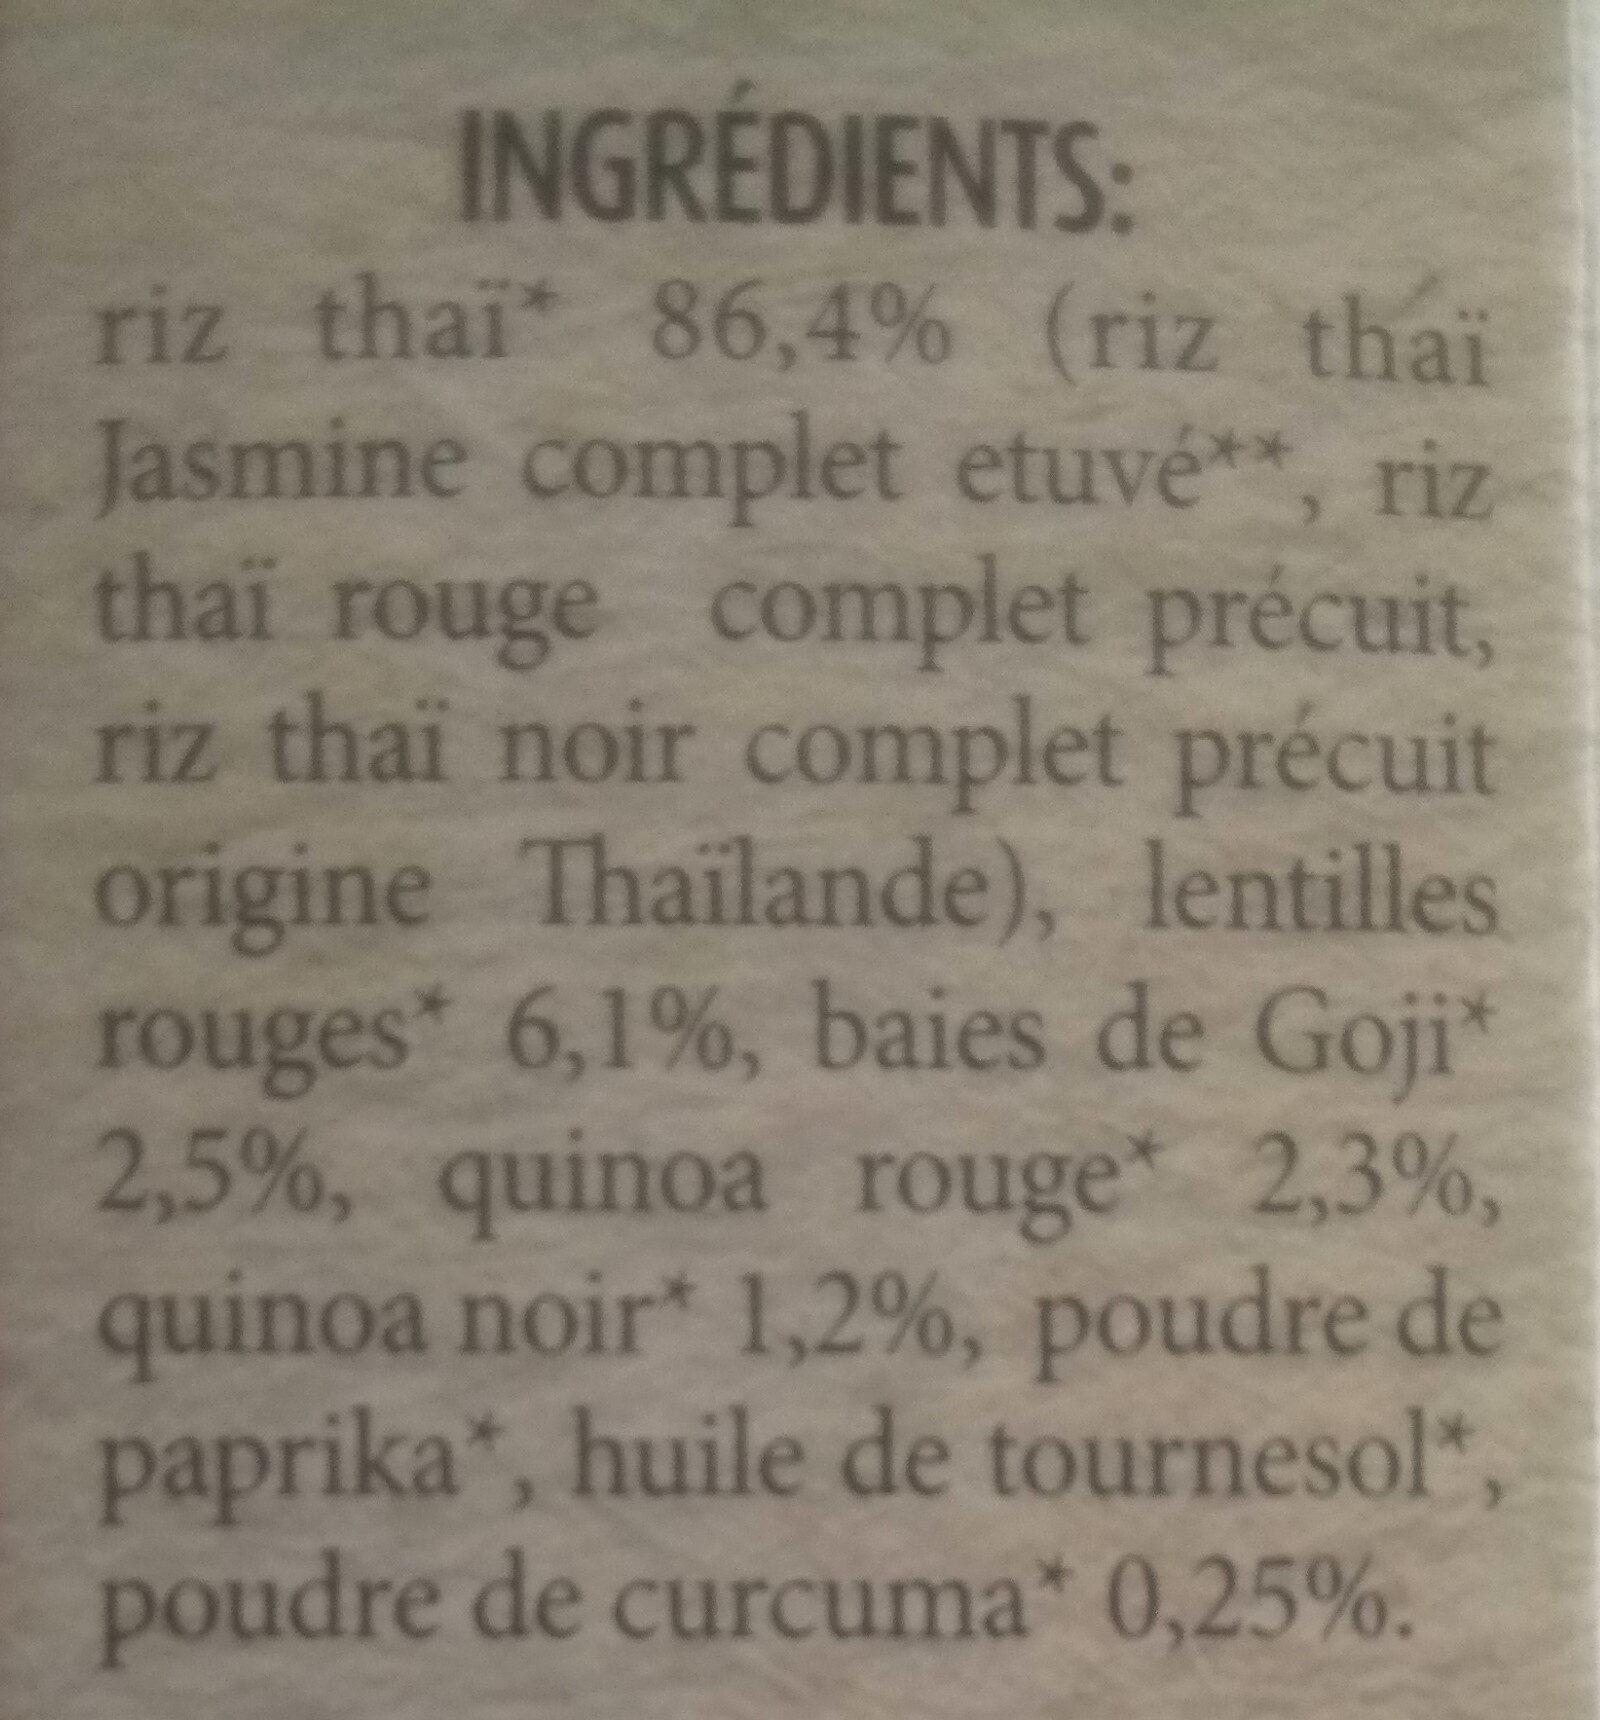 Mélange antioxydant avec riz Thaï, quinoa, baies de Goji et Curcuma - Ingredients - fr